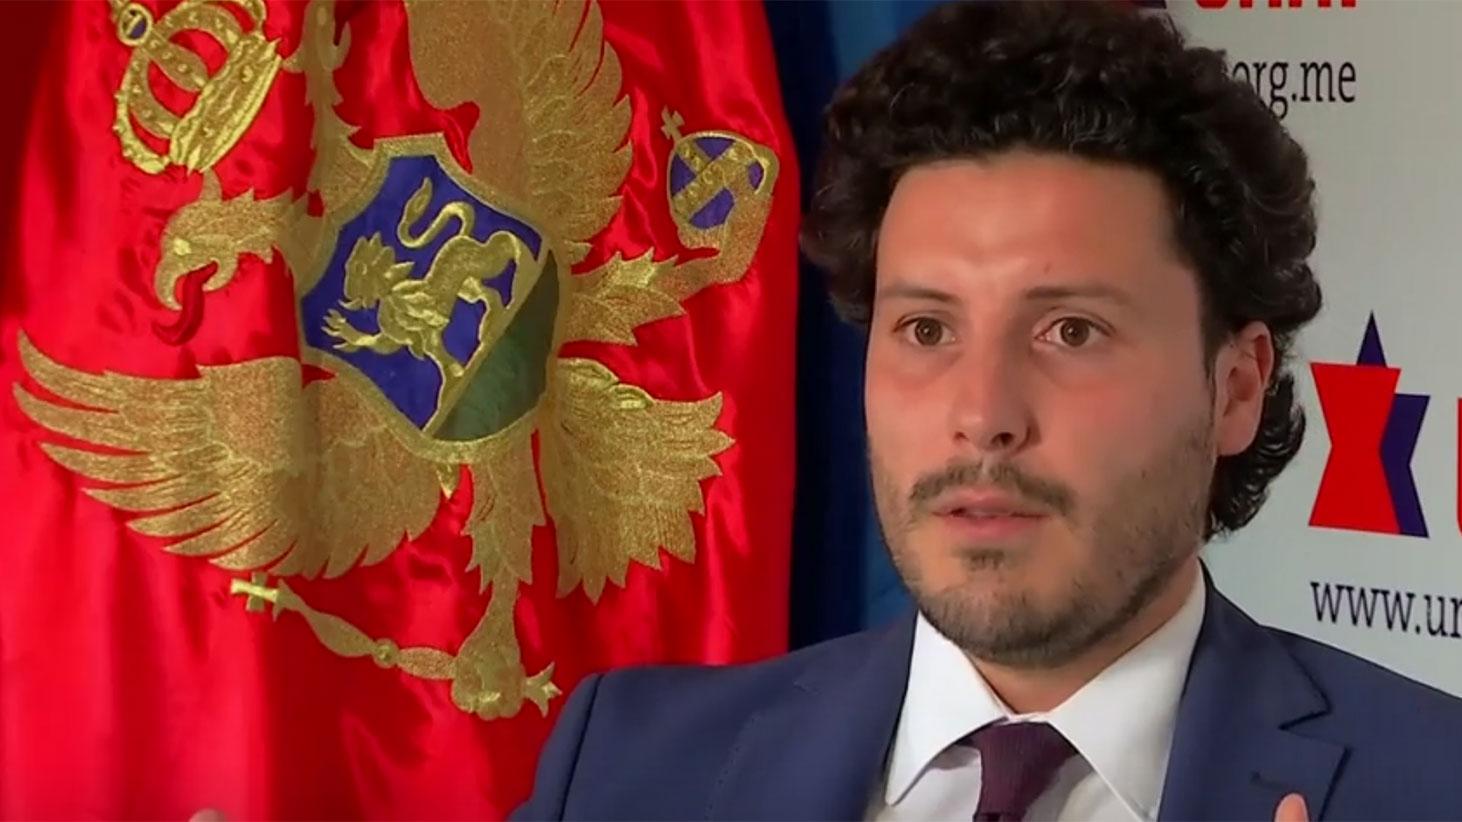 黑山副总理阿巴索维奇(Dritan Abazovic)表示,为了防止准欧盟成员国对北京的倚赖,欧盟应该帮助黑山重组债务。(路透社视频截图)